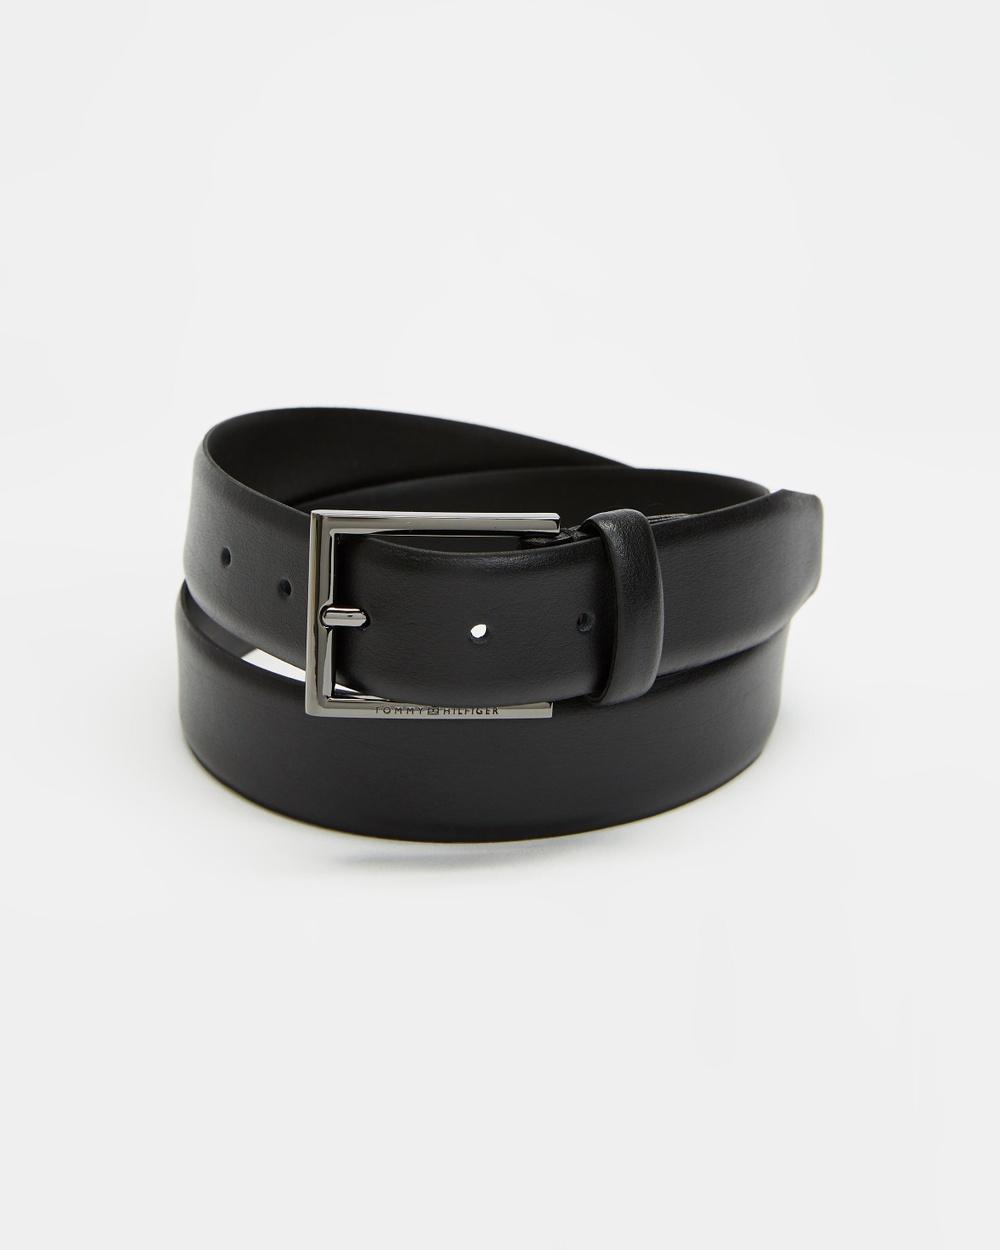 Tommy Hilfiger Formal Leather Belt 3.5cm Belts Black